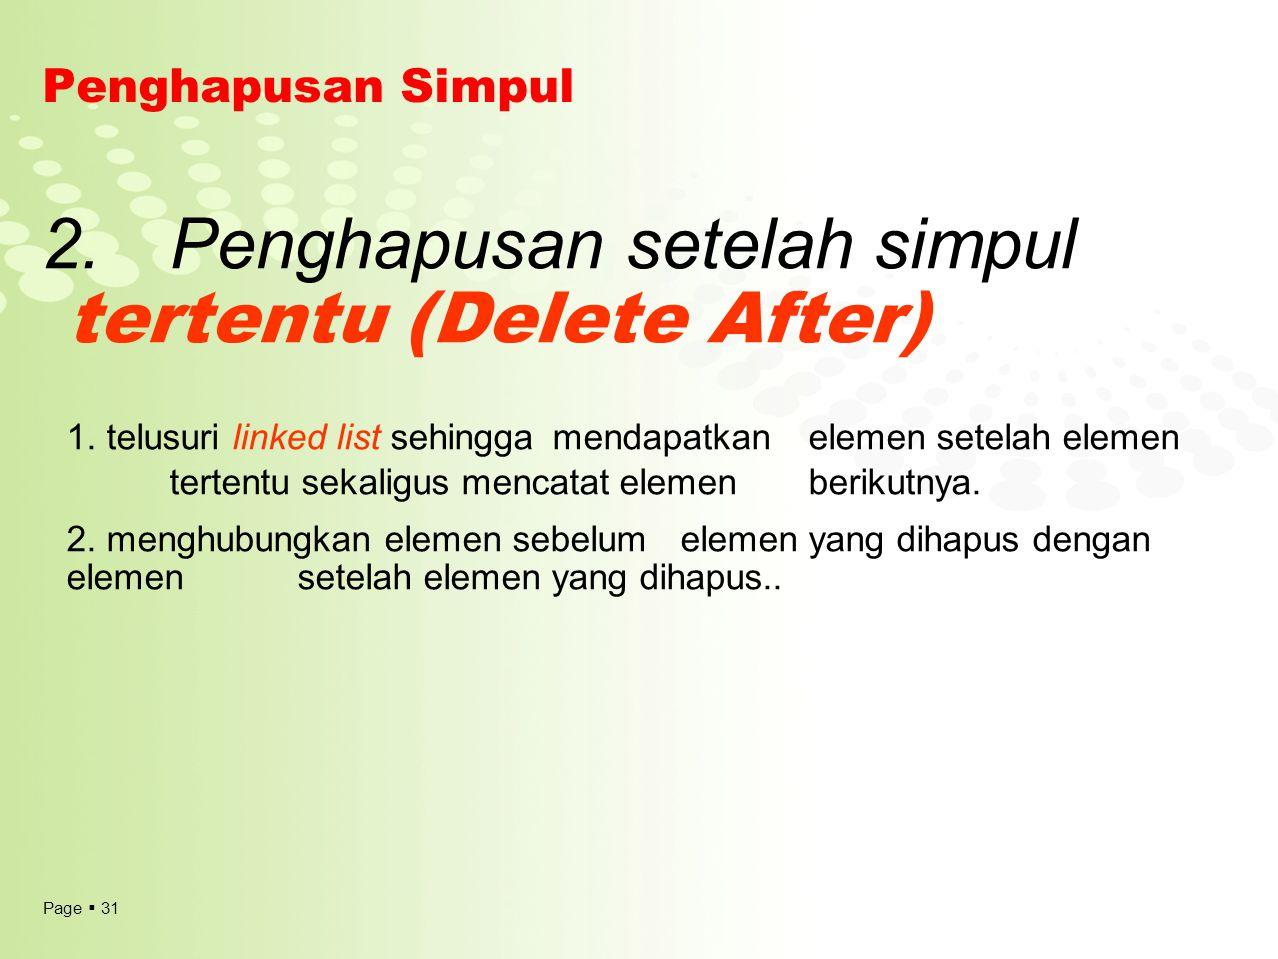 2. Penghapusan setelah simpul tertentu (Delete After)